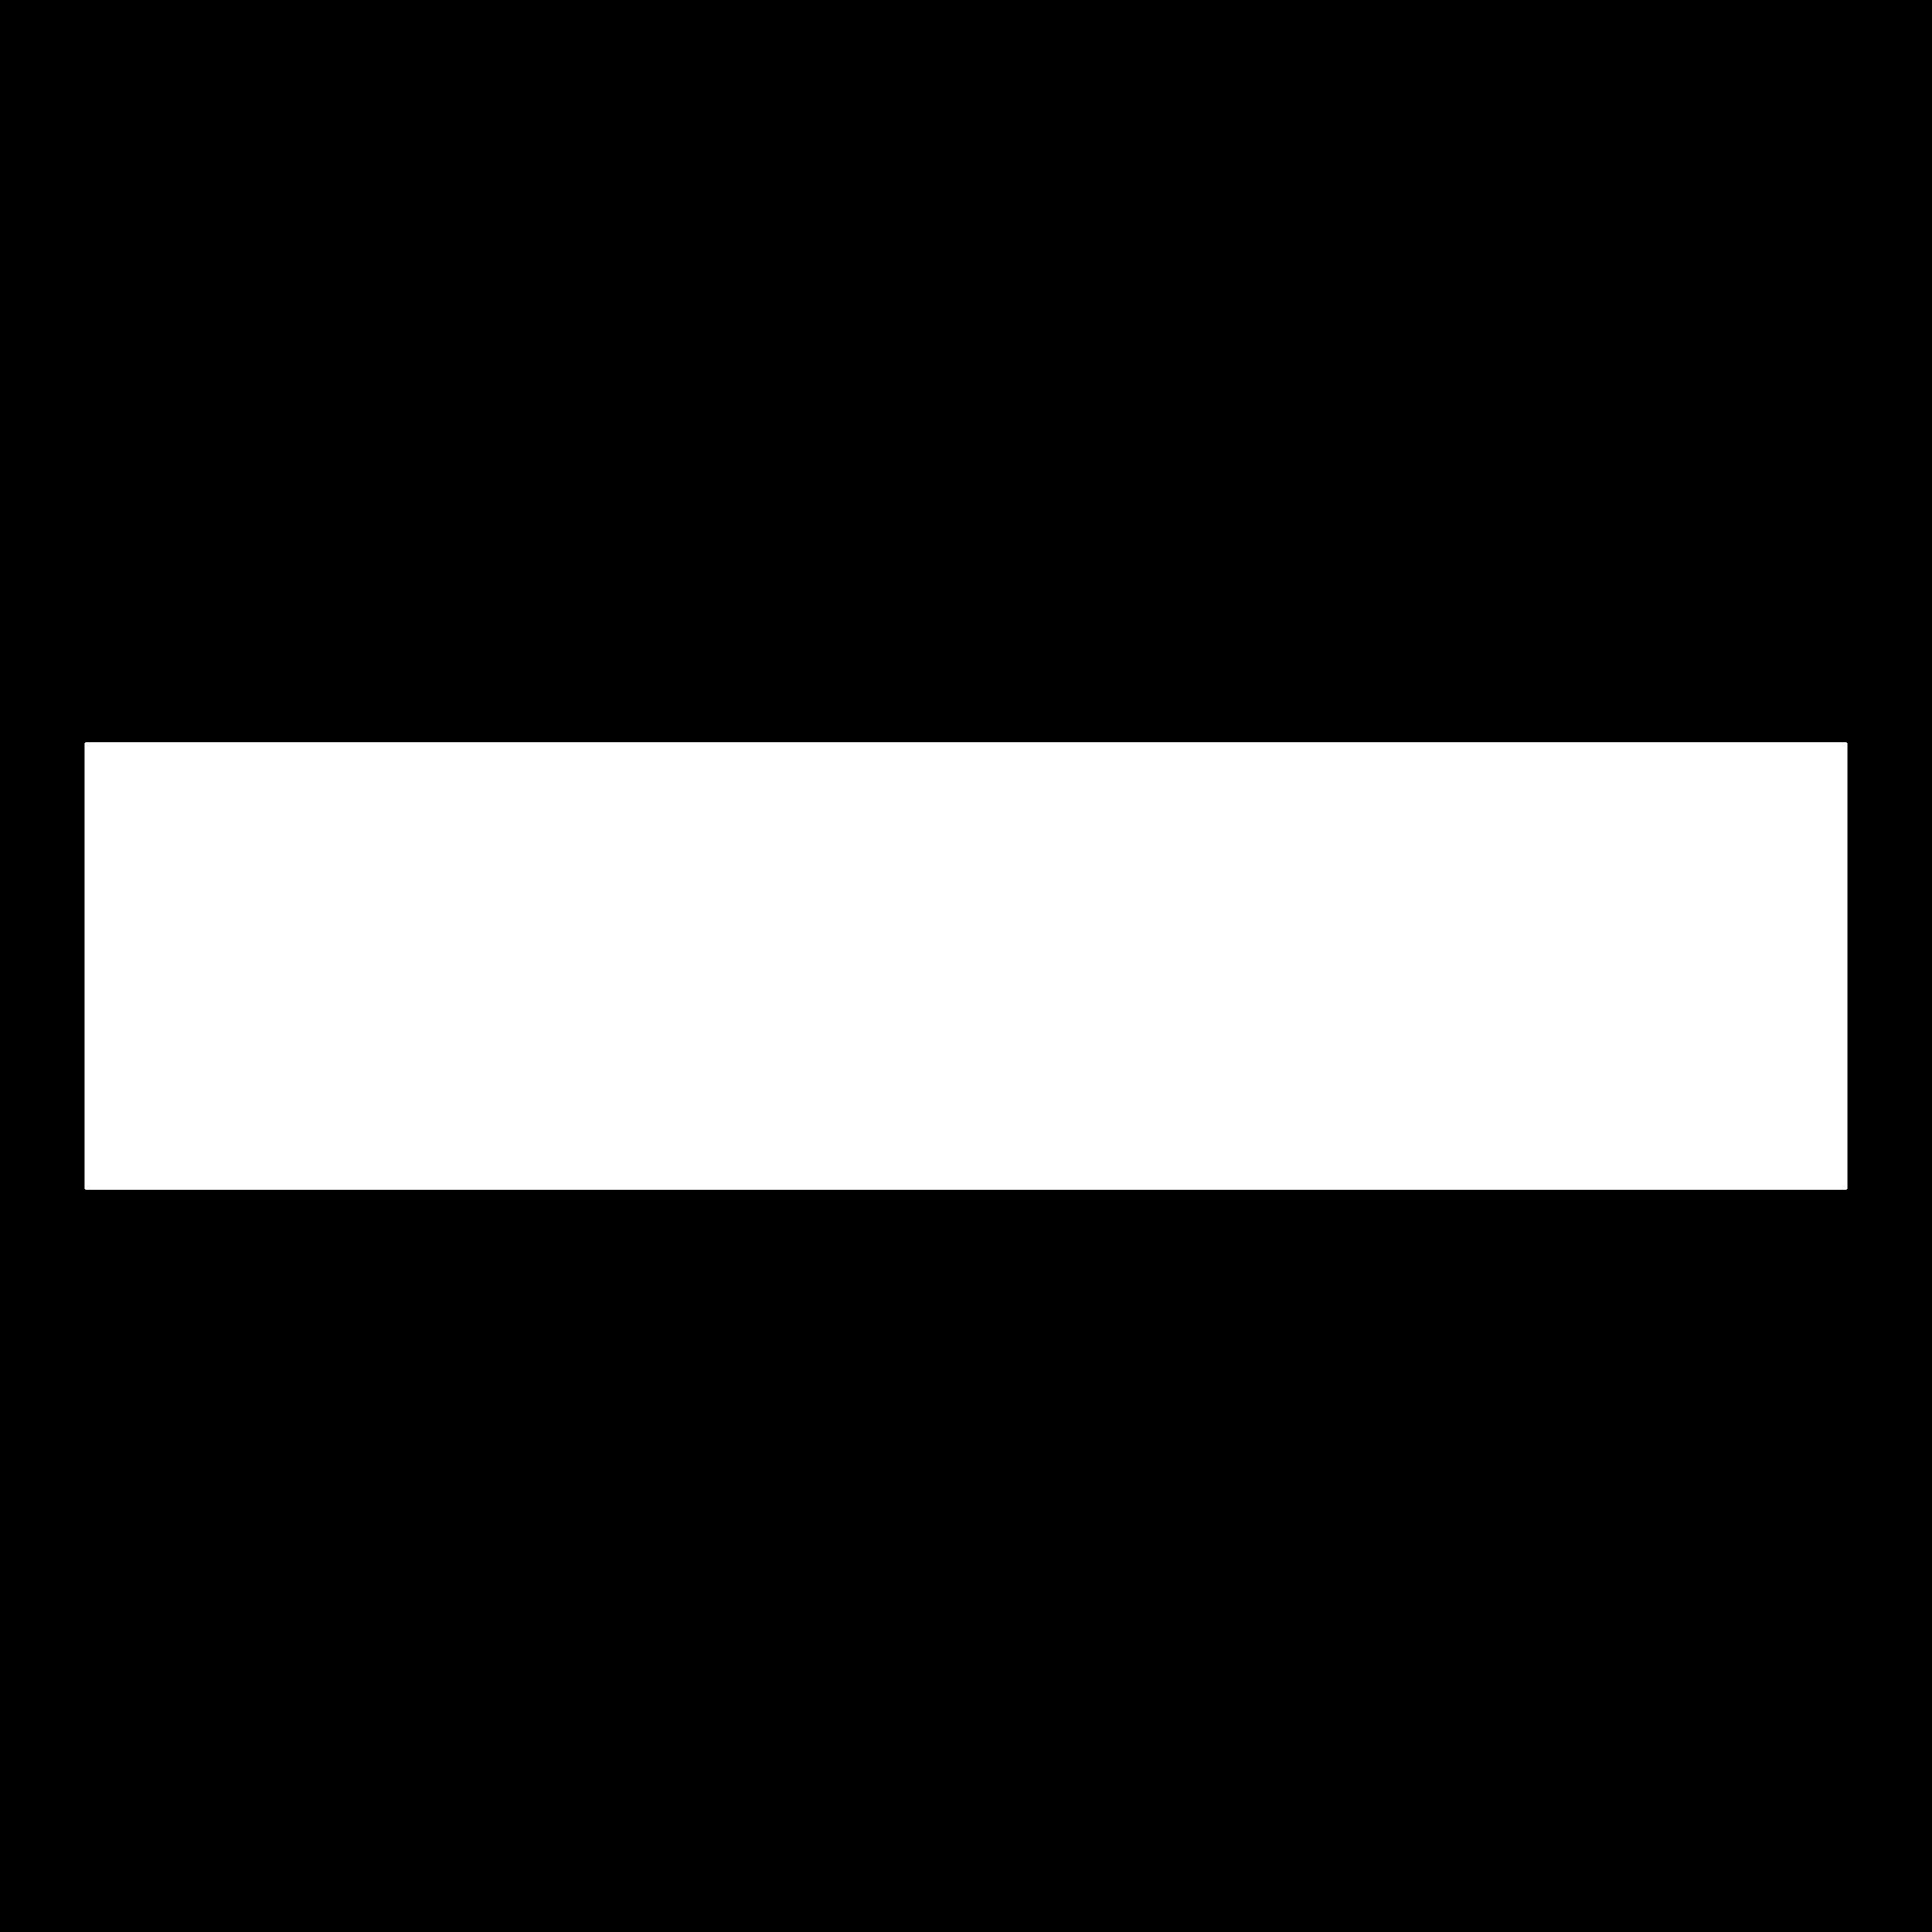 easyJet airline Logo PNG Transparent & SVG Vector.